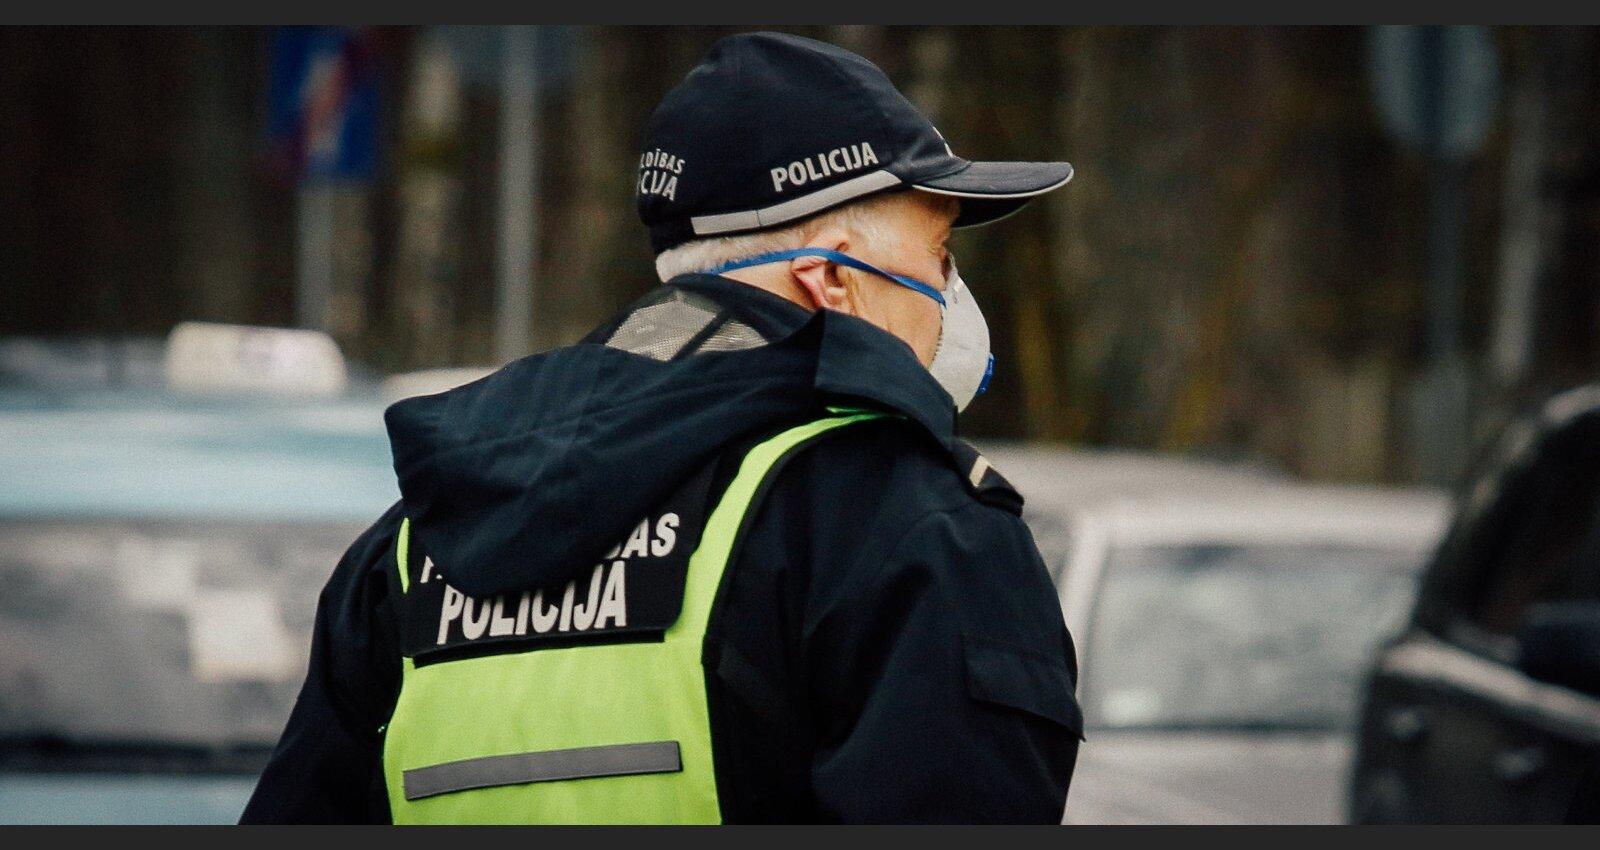 Policija pret vīrusu: sodi pandēmijas ierobežojumu pārkāpējiem atšķiras pat tūkstoškārt